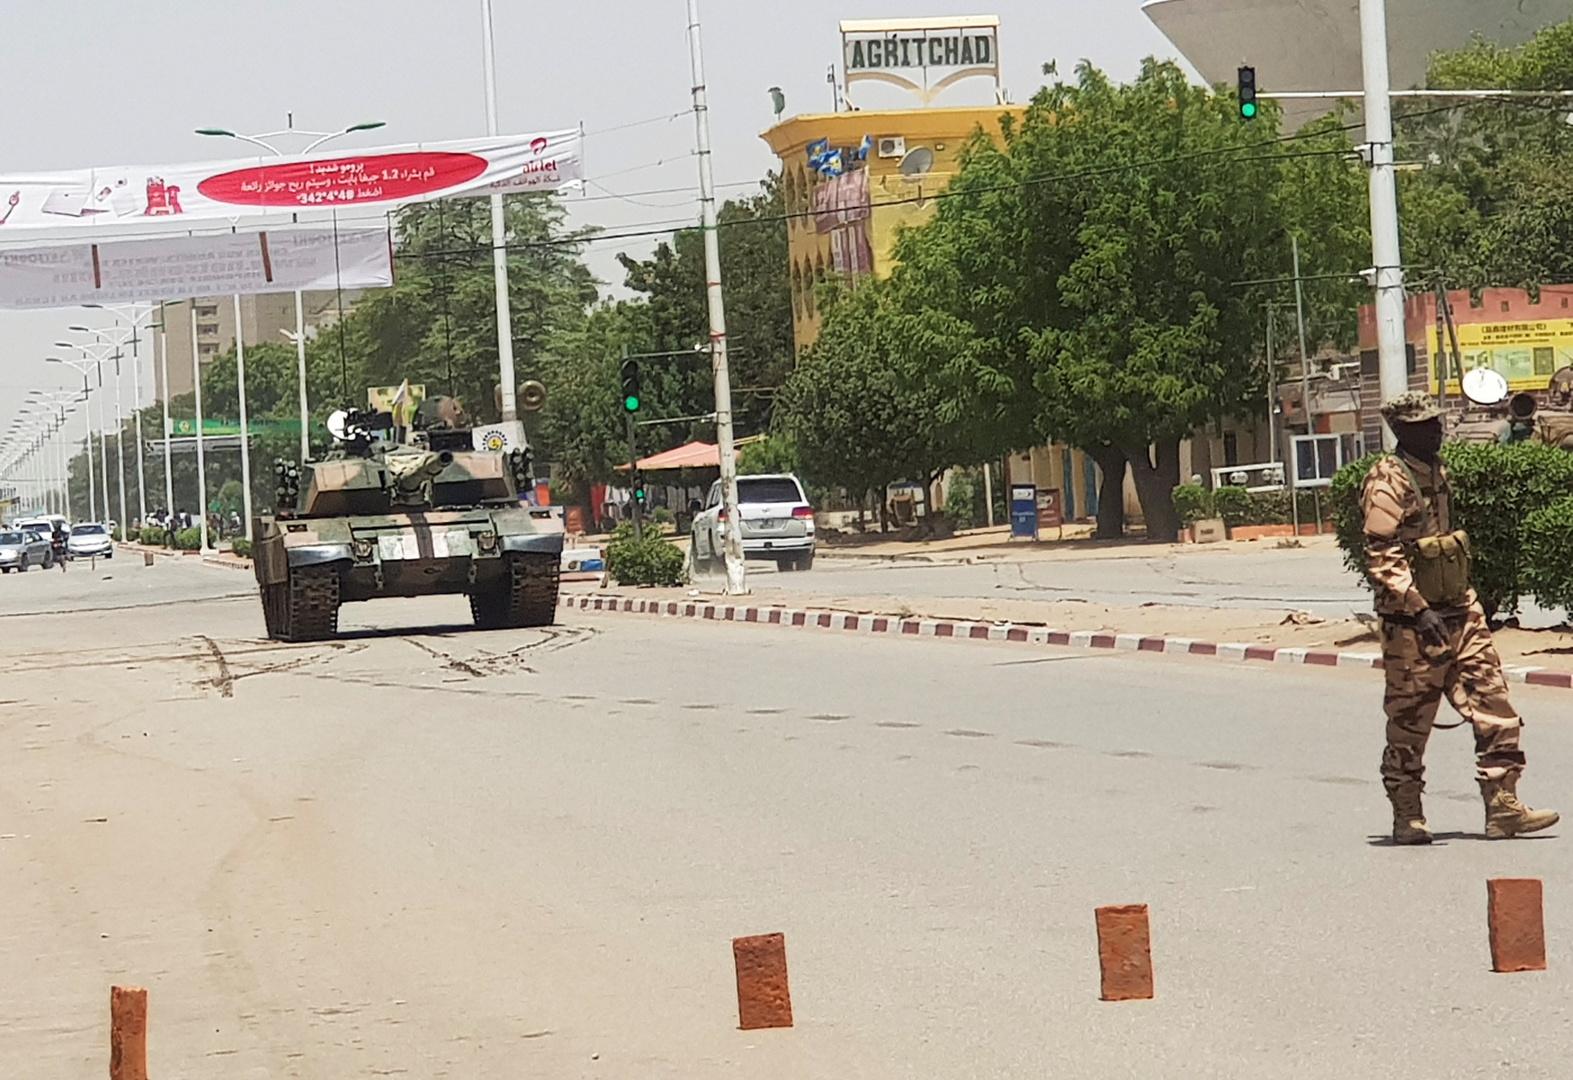 القوات التشادية تعلن مقتل أكثر 300 مسلح و5 من جنودها في الاشتباكات شمالي البلاد